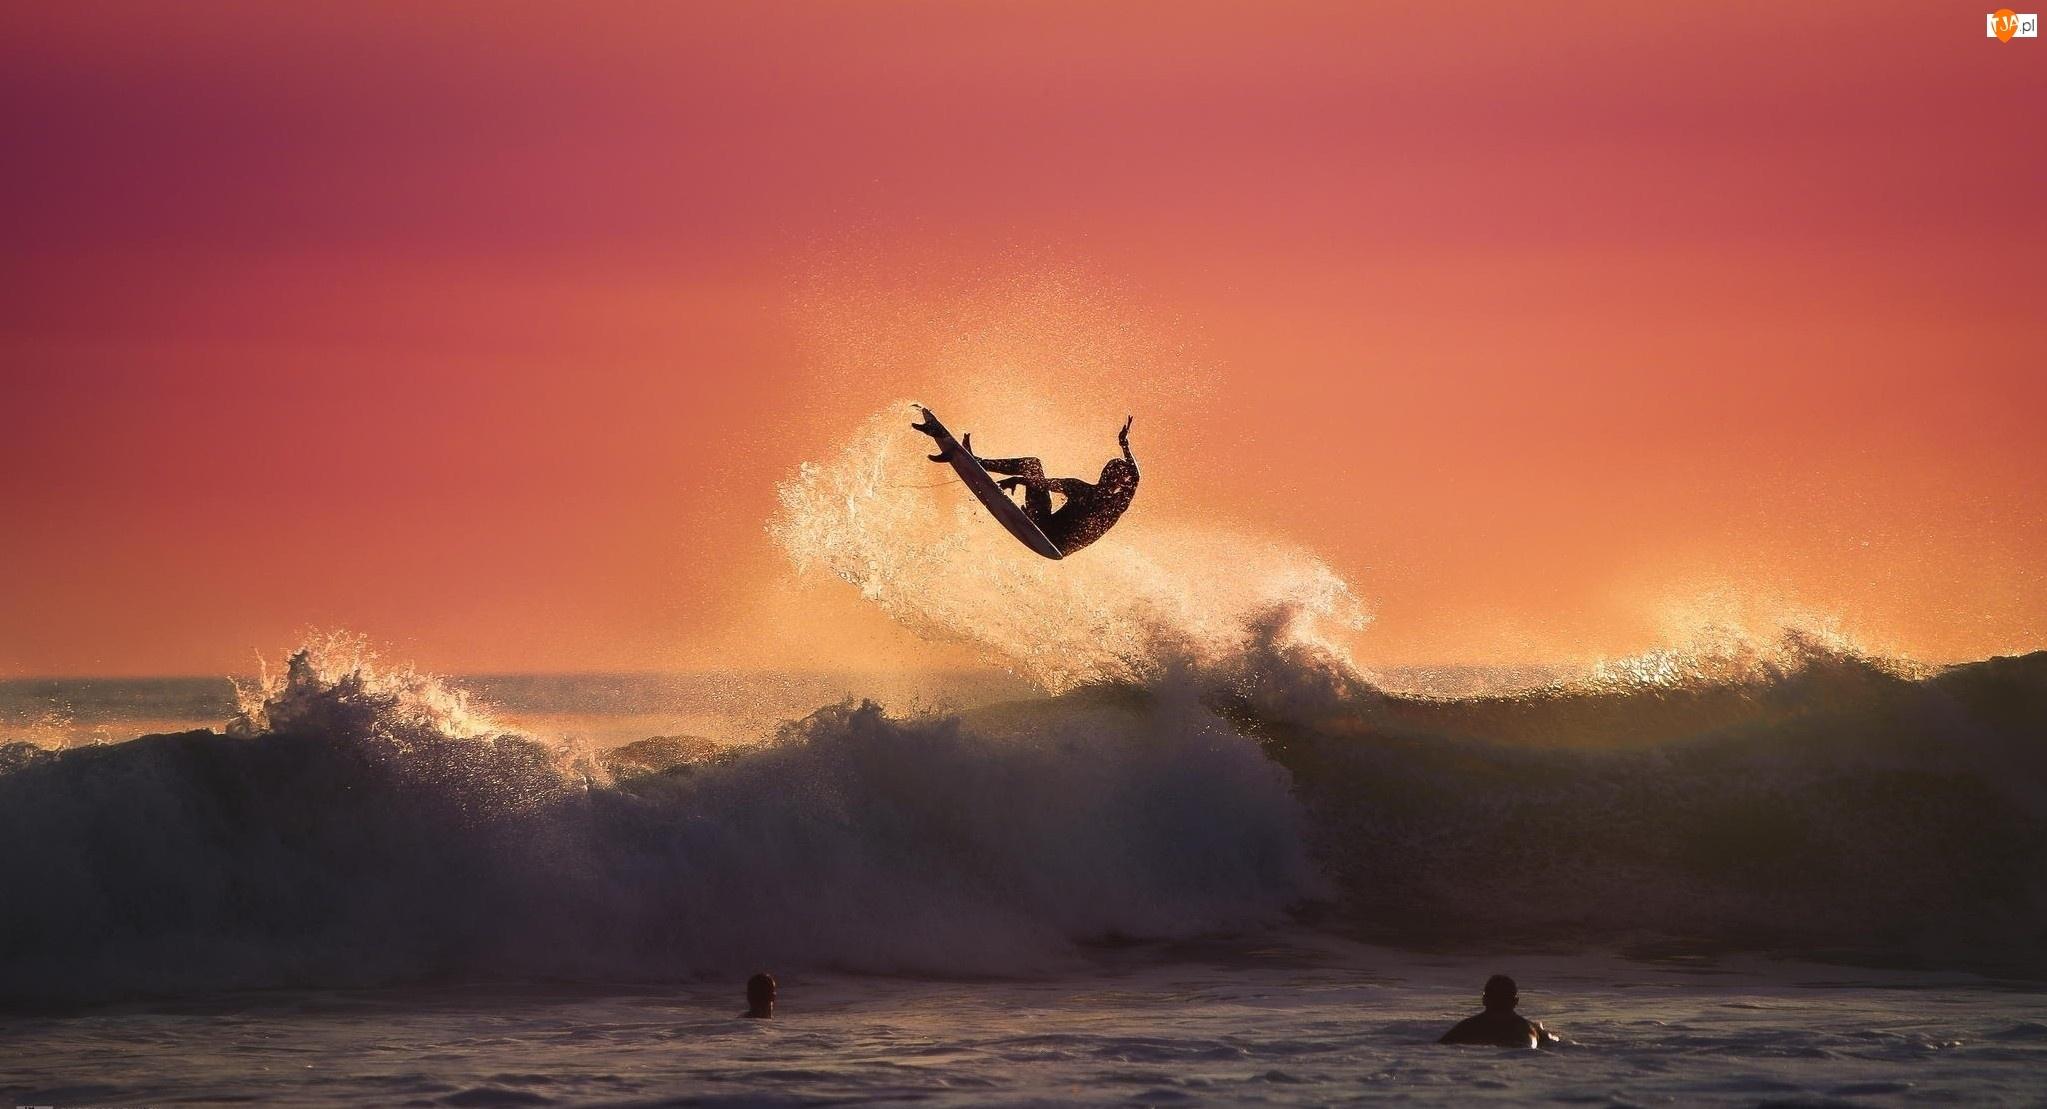 Morze, Mężczyźni, Fala, Surfing